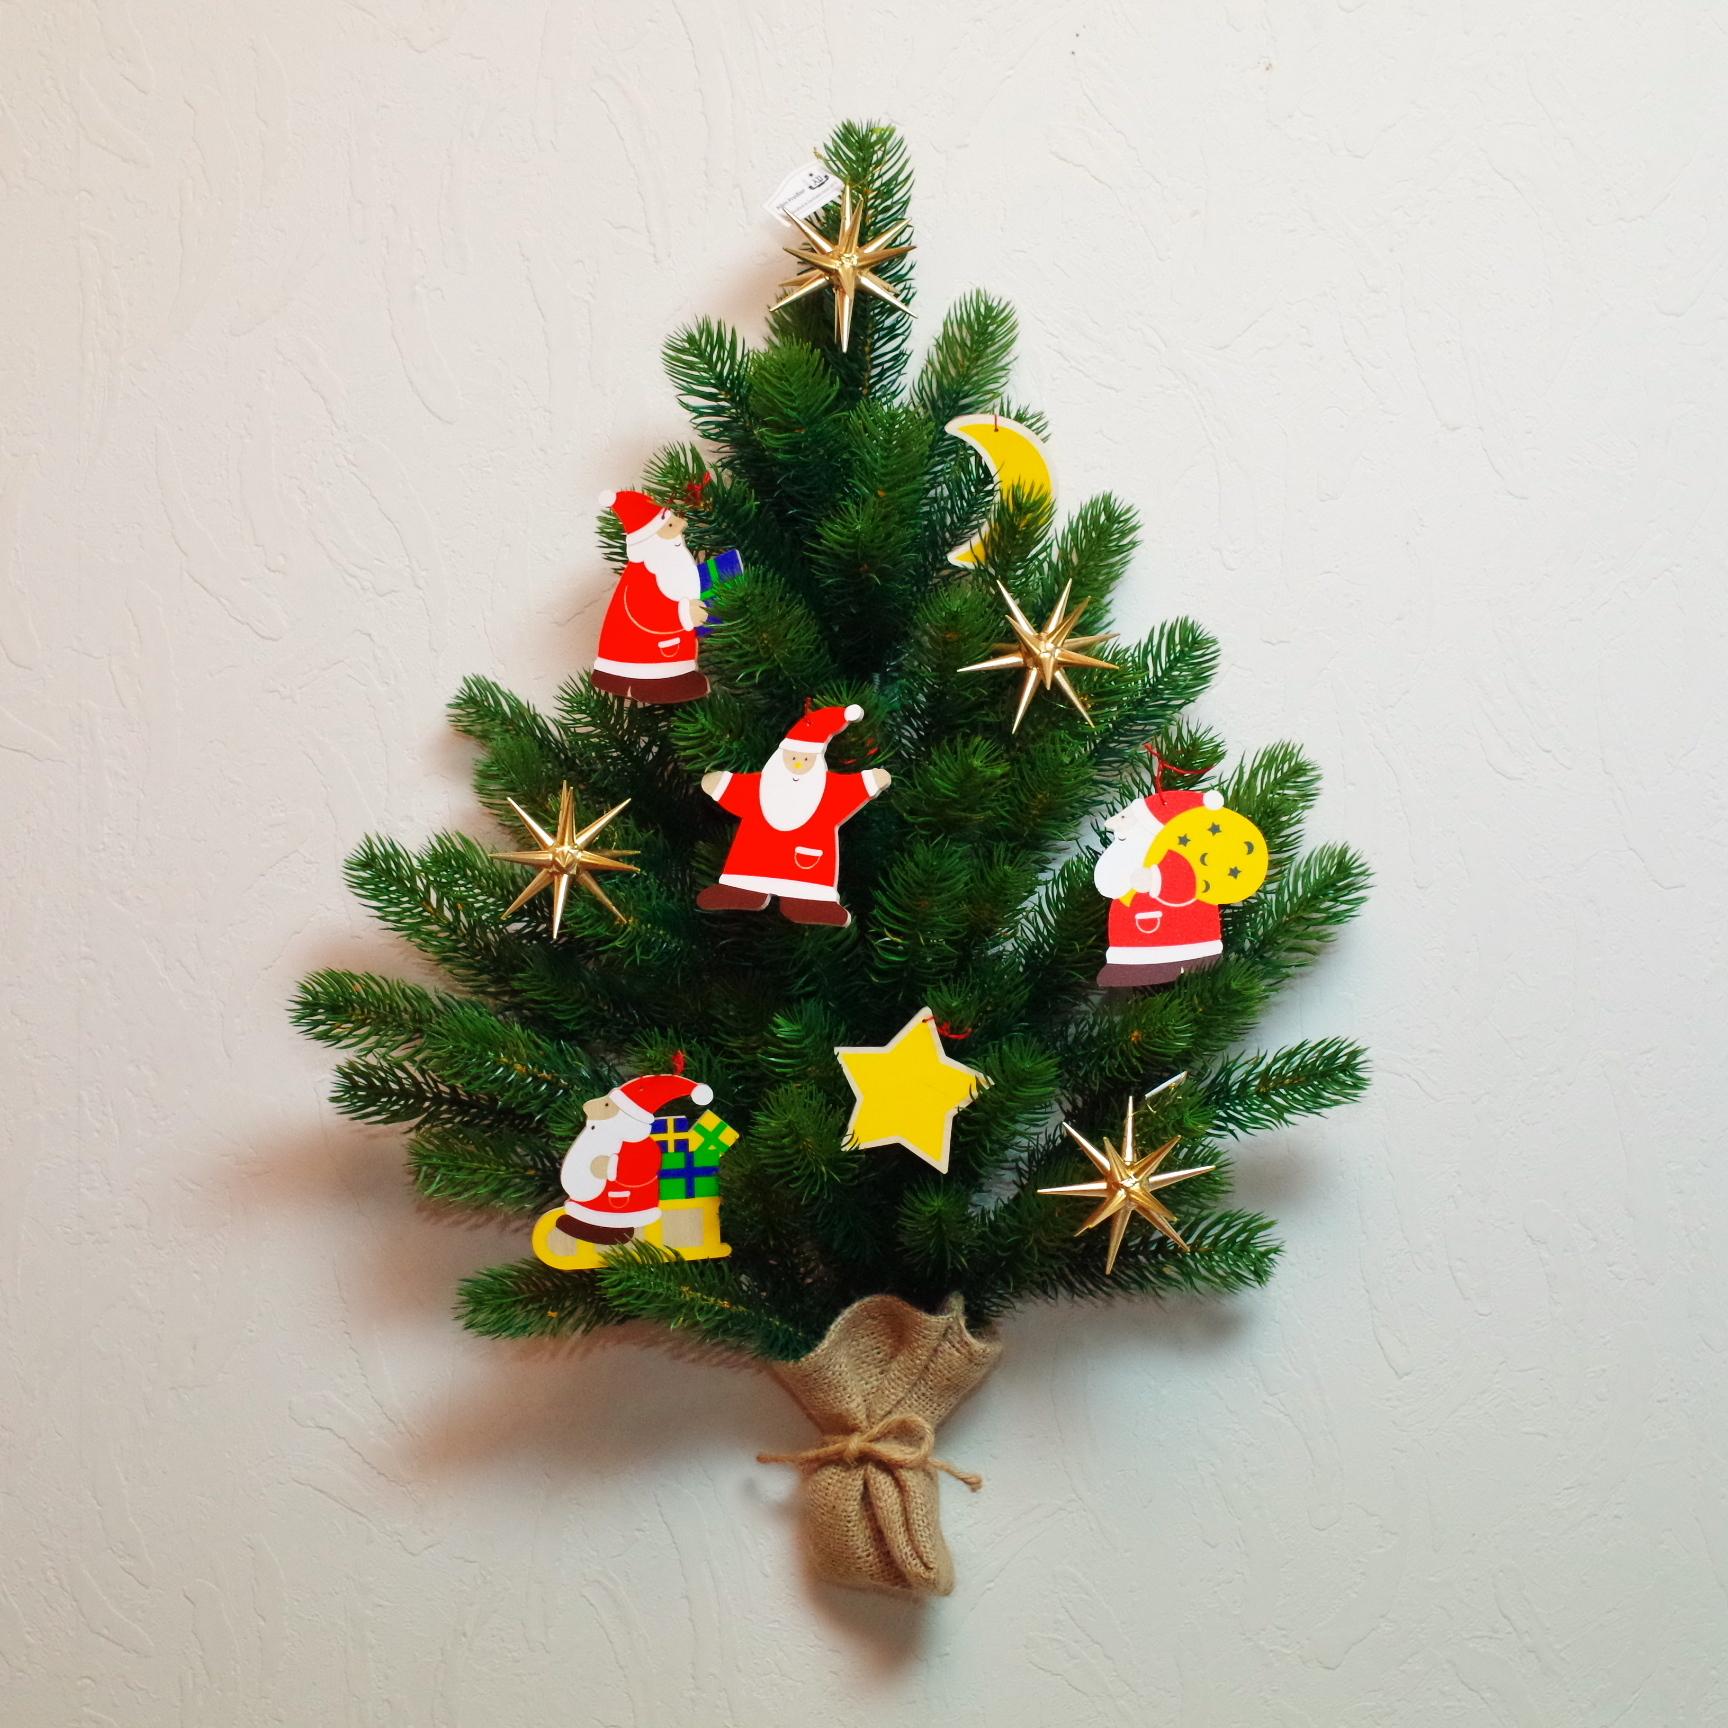 壁掛けツリー サンタと星のオーナメント10ケセット